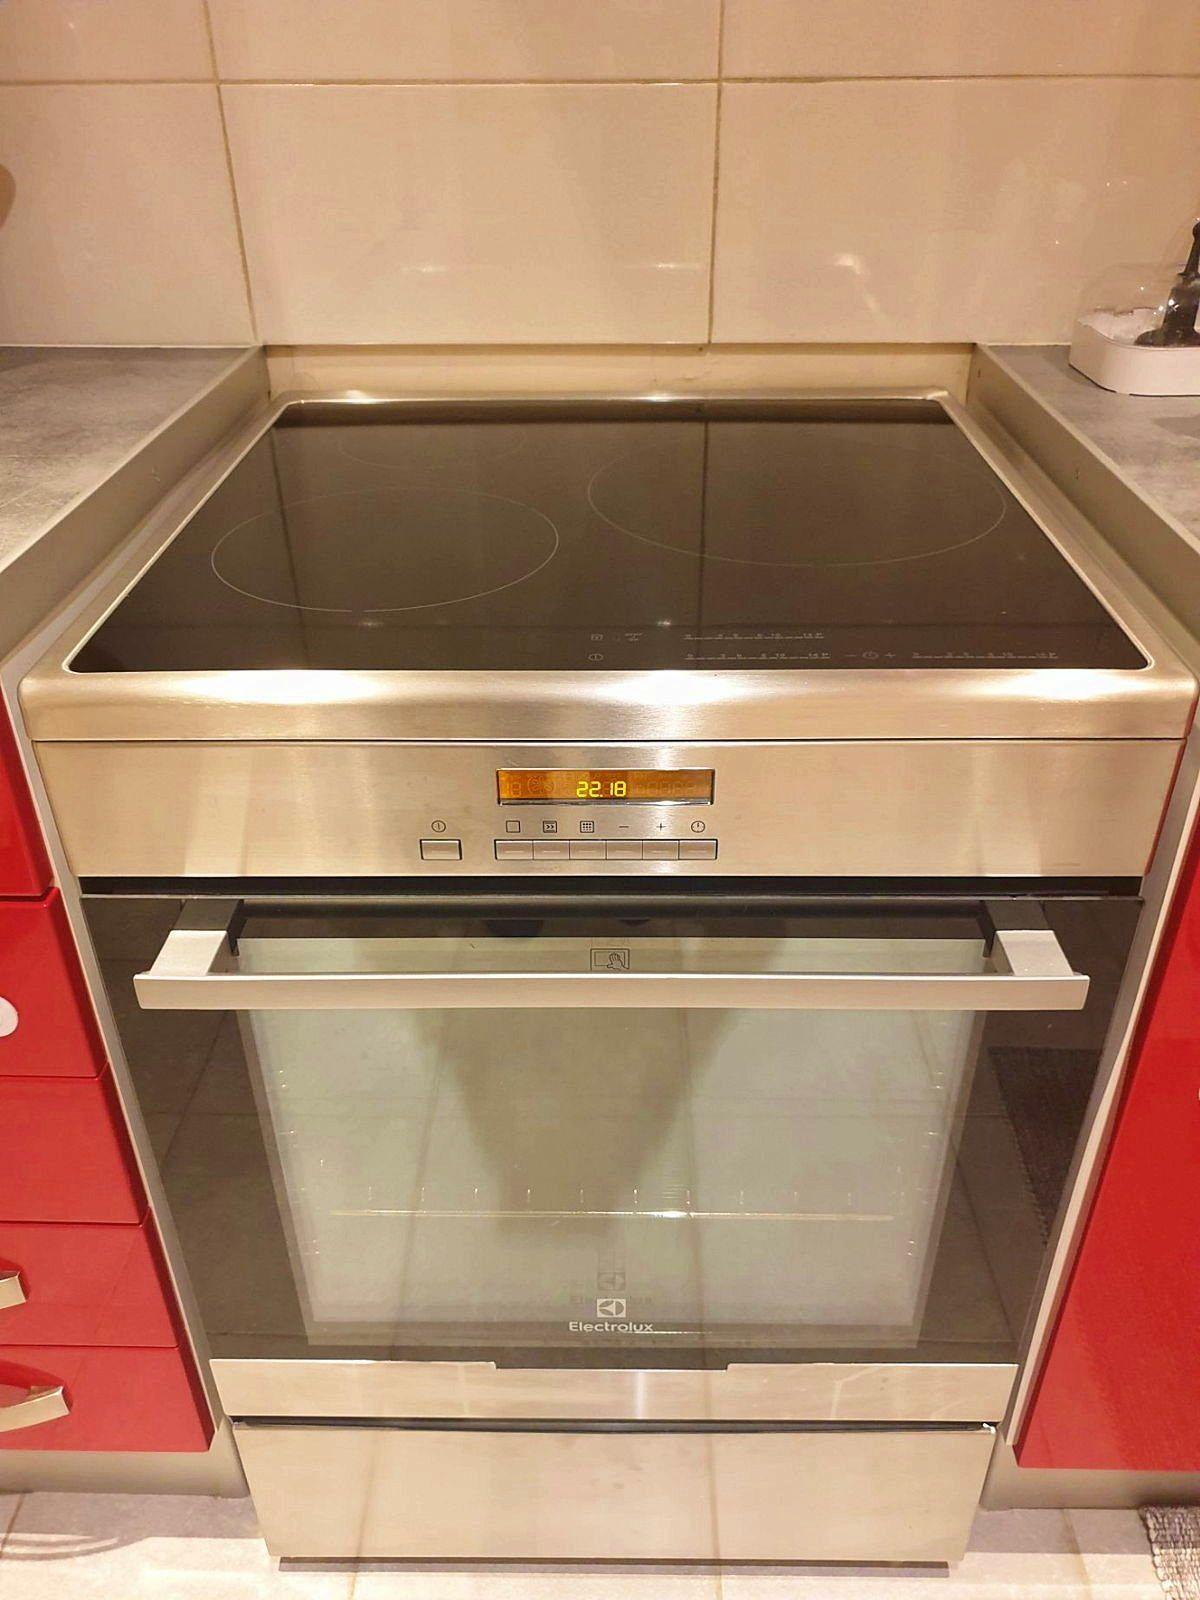 Vends cuisinière Electrolux excellent état